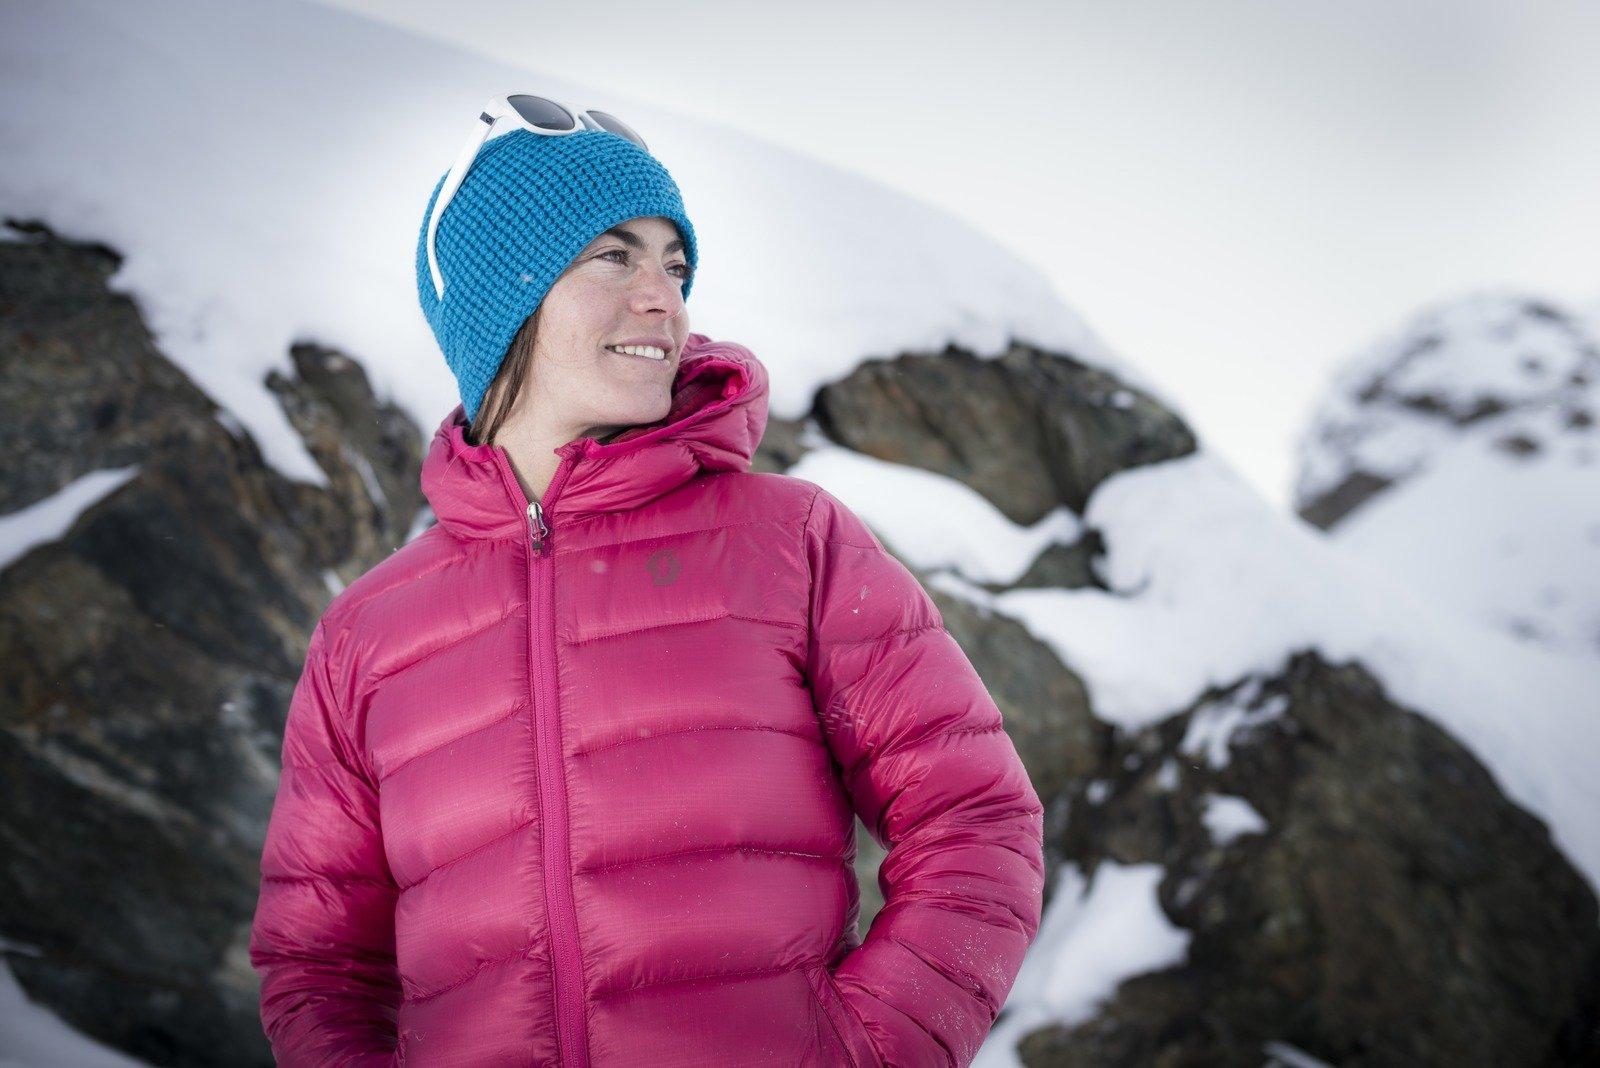 doudoune ski femme